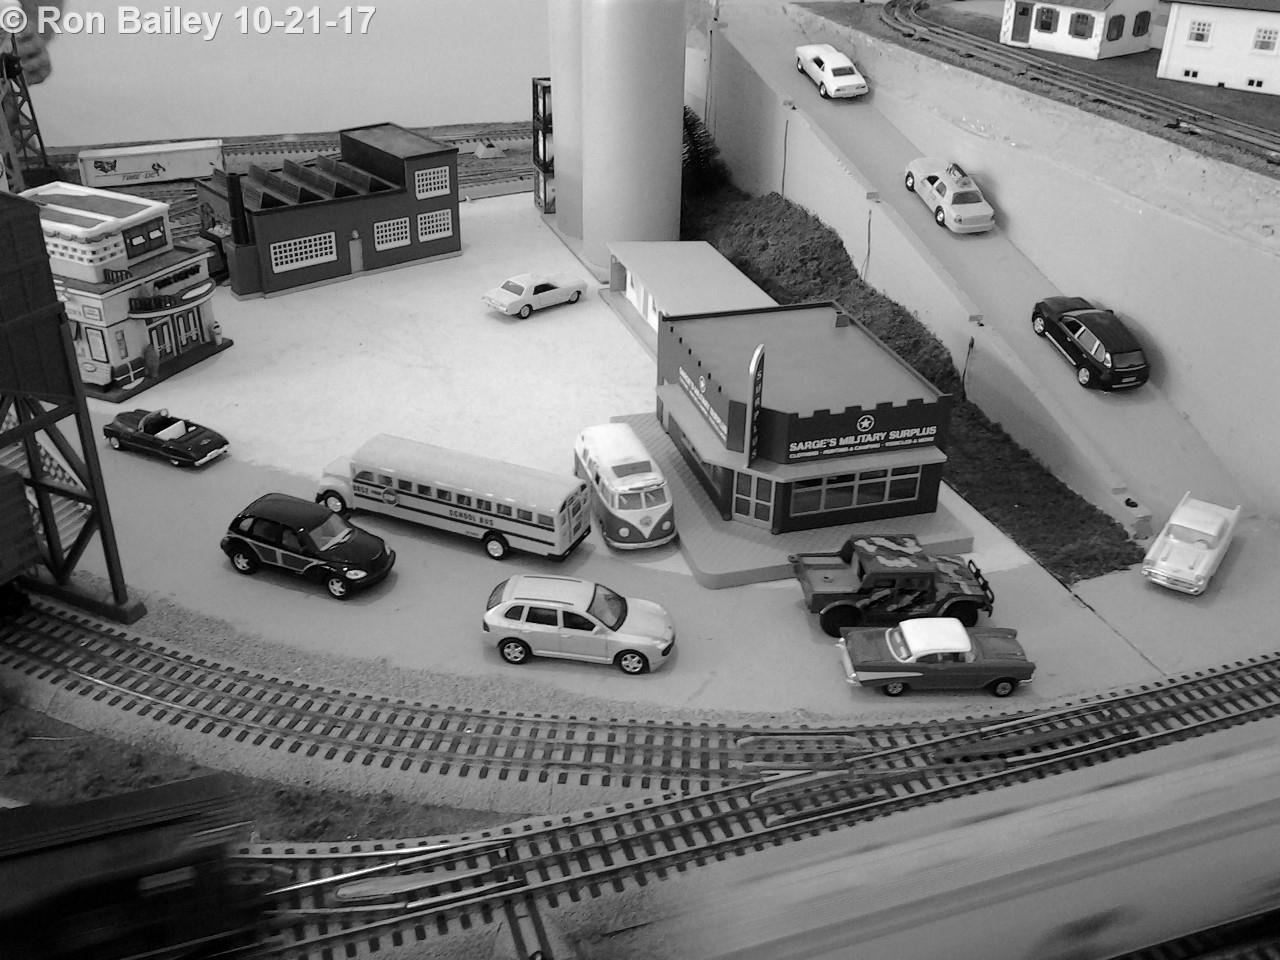 nelsonville-rail-fair-10-21-2017-2-52-13-pm_37842190771_o